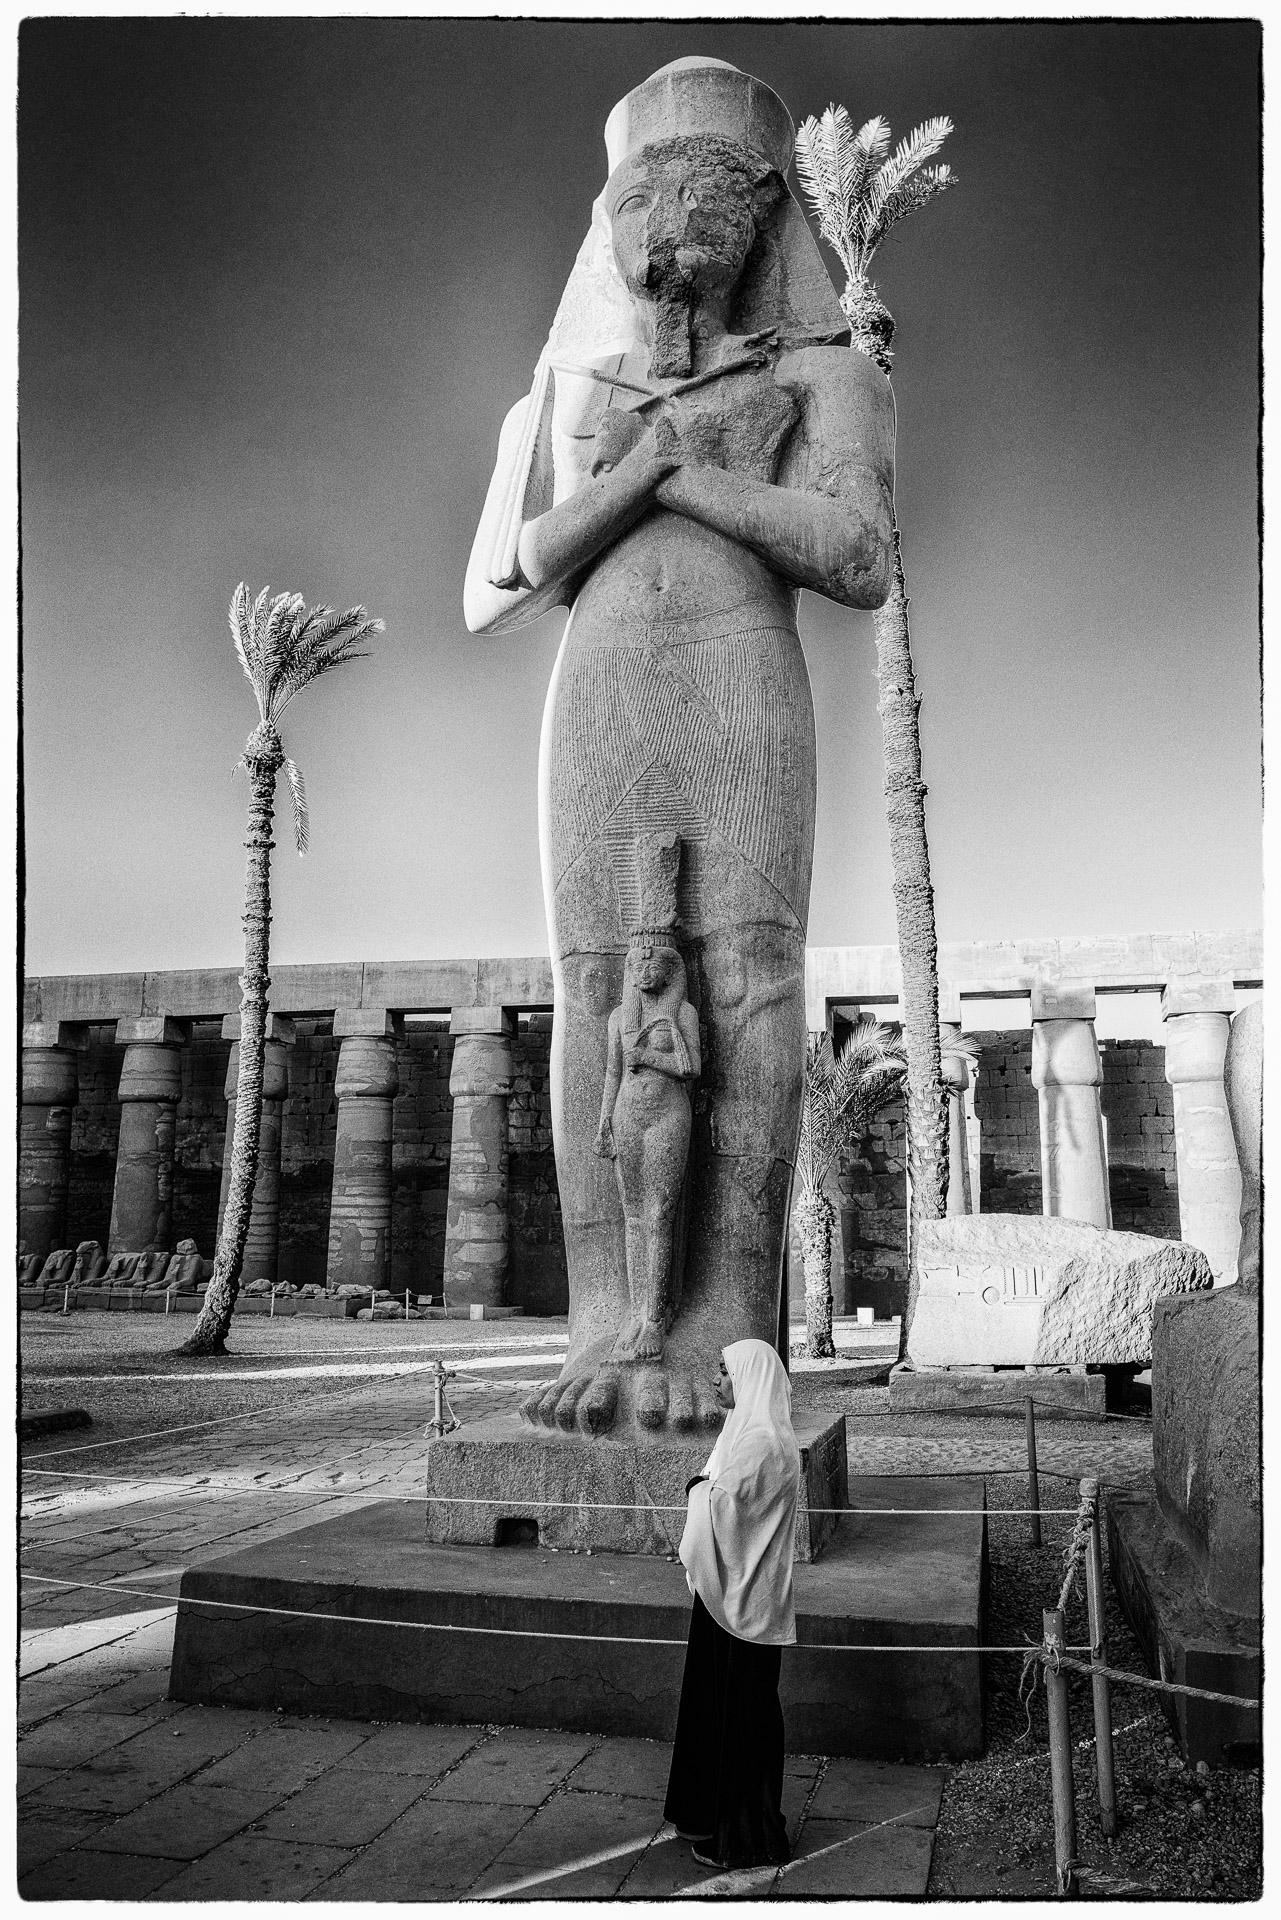 Egypt Life-18-2018-11-30